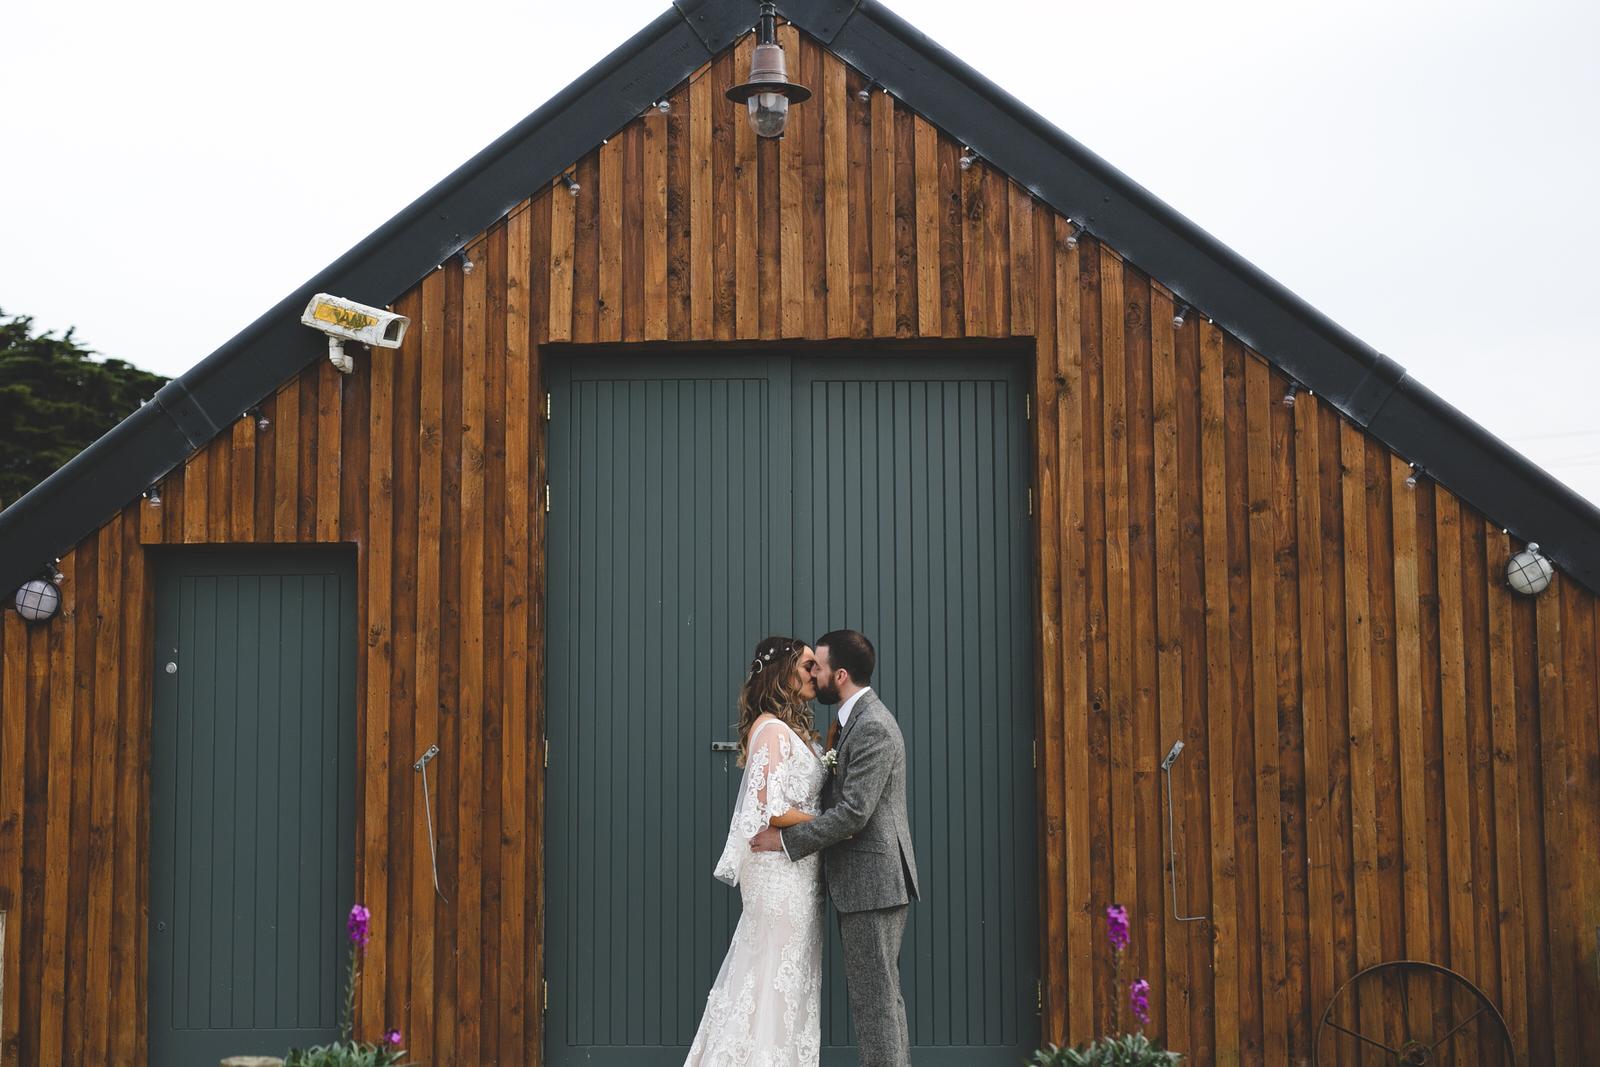 Cool brown bard backdrop at Seagrave barns